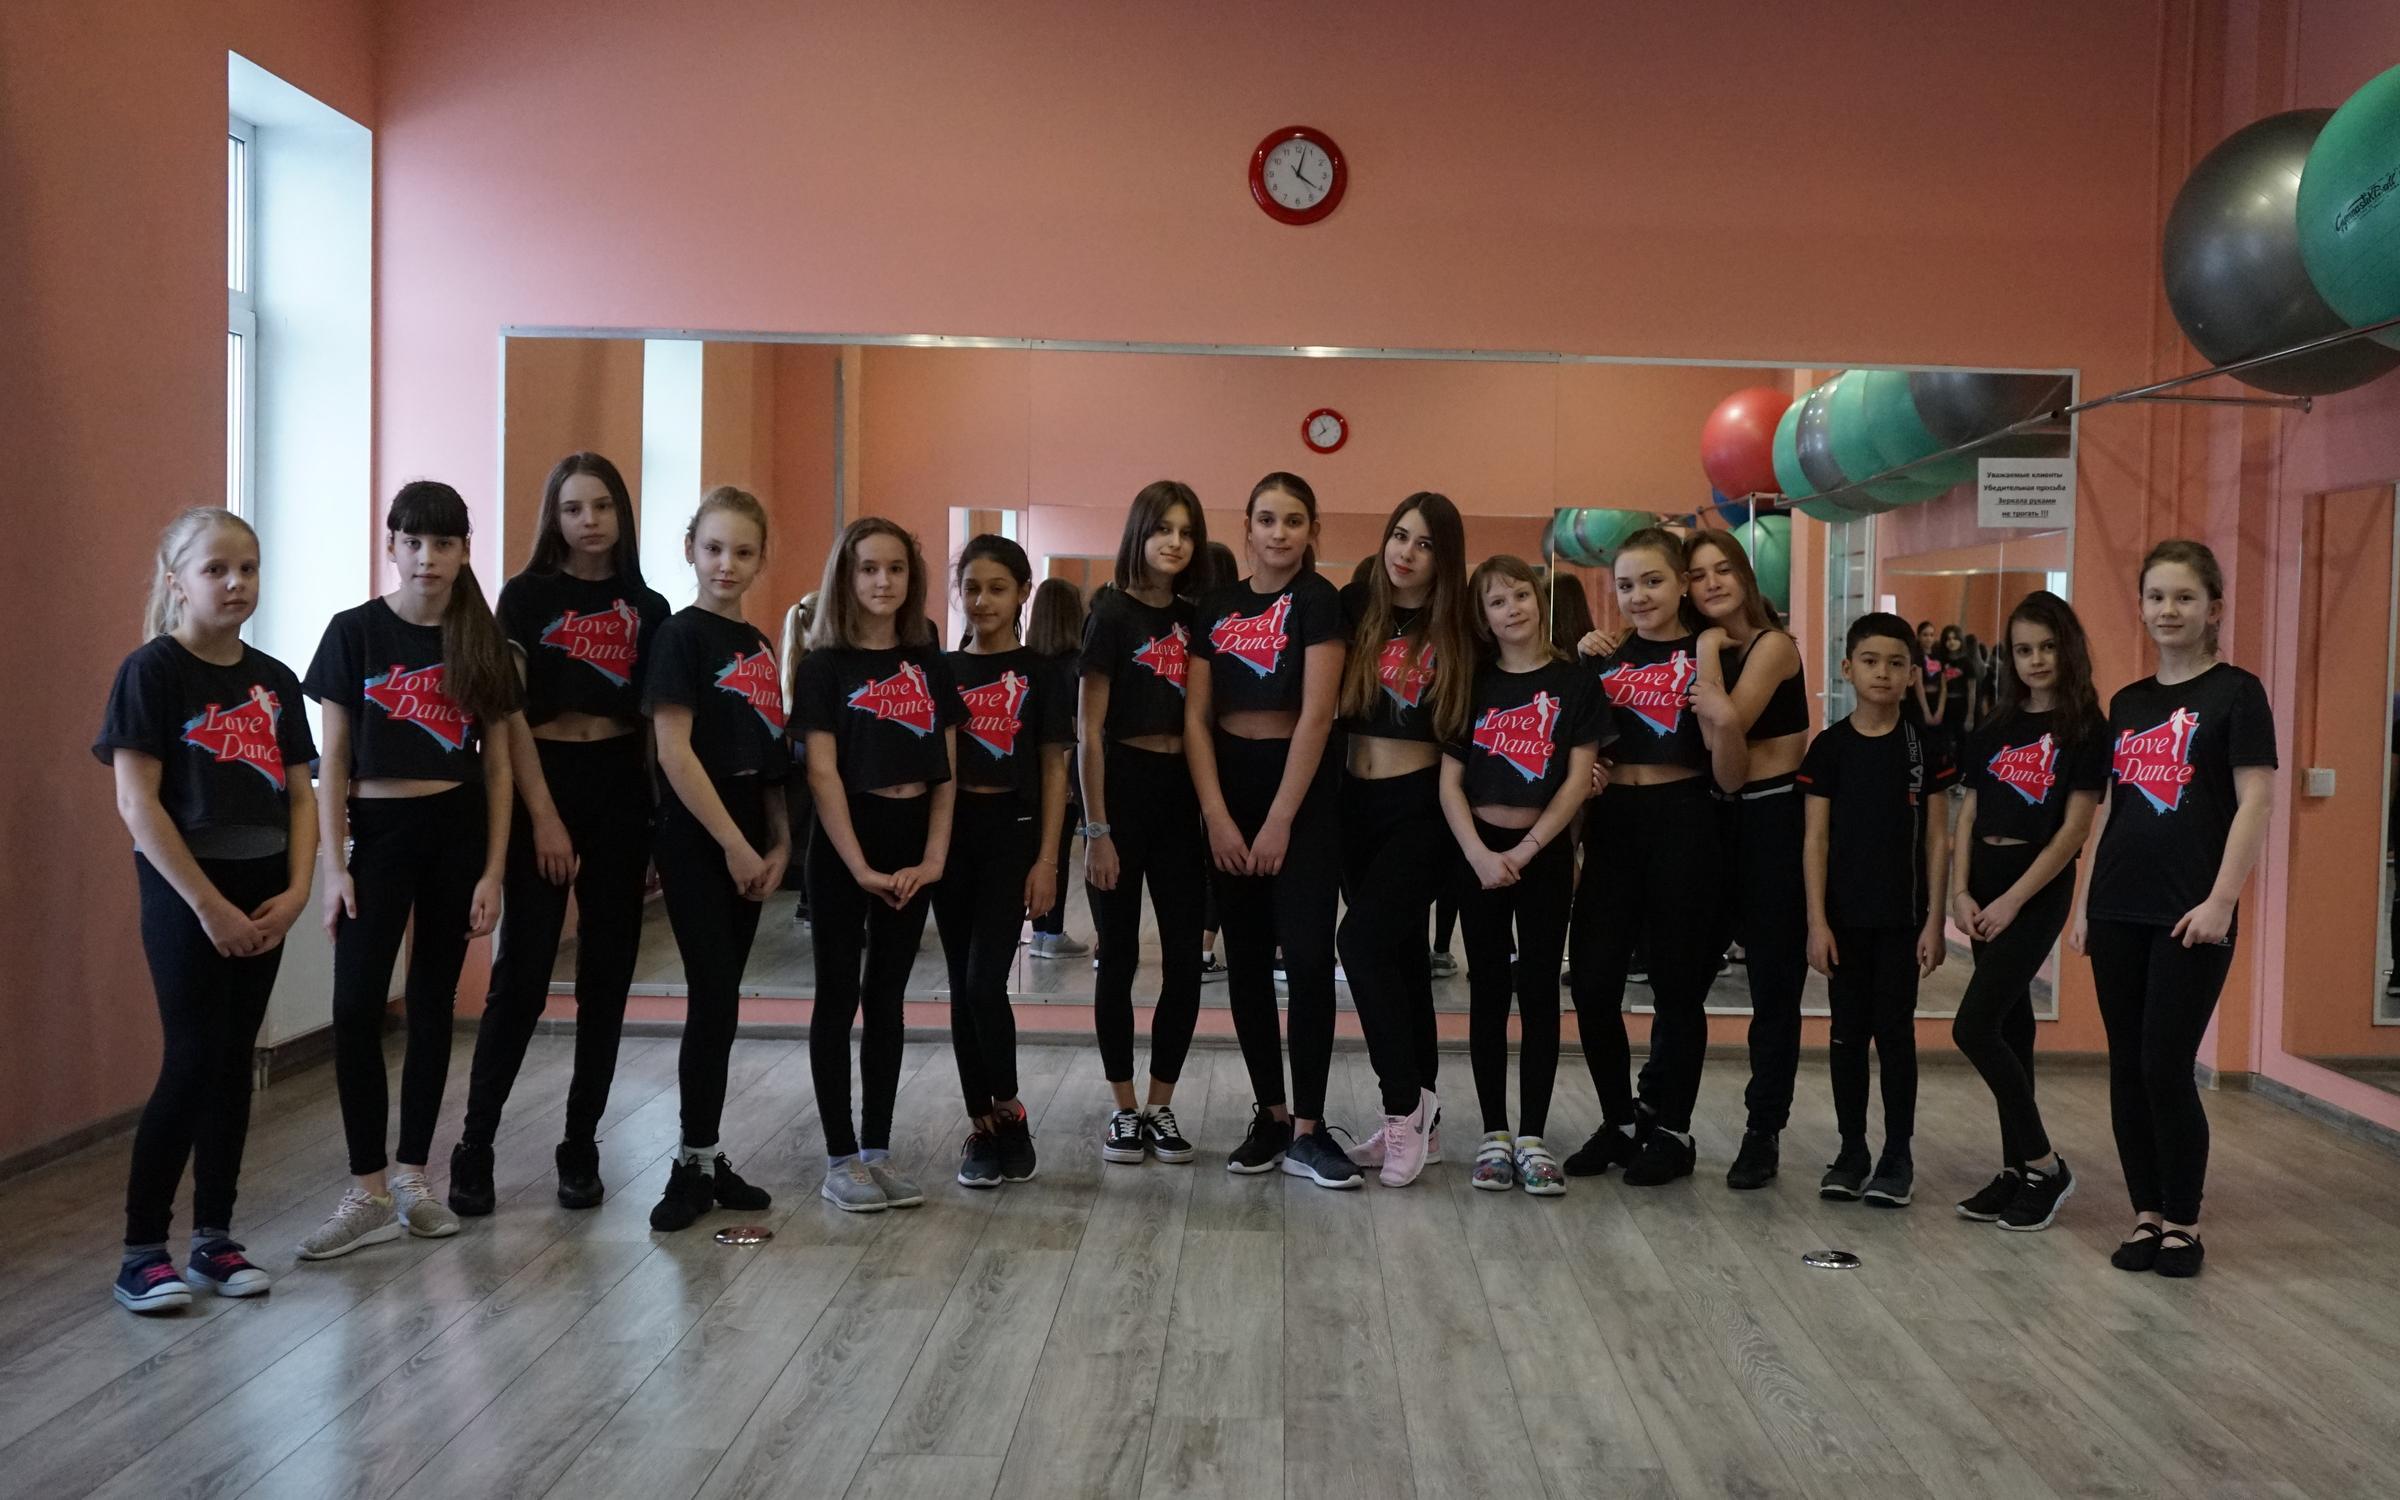 фотография Школы танцев Love Dance на Новостроевской улице в Щербинке